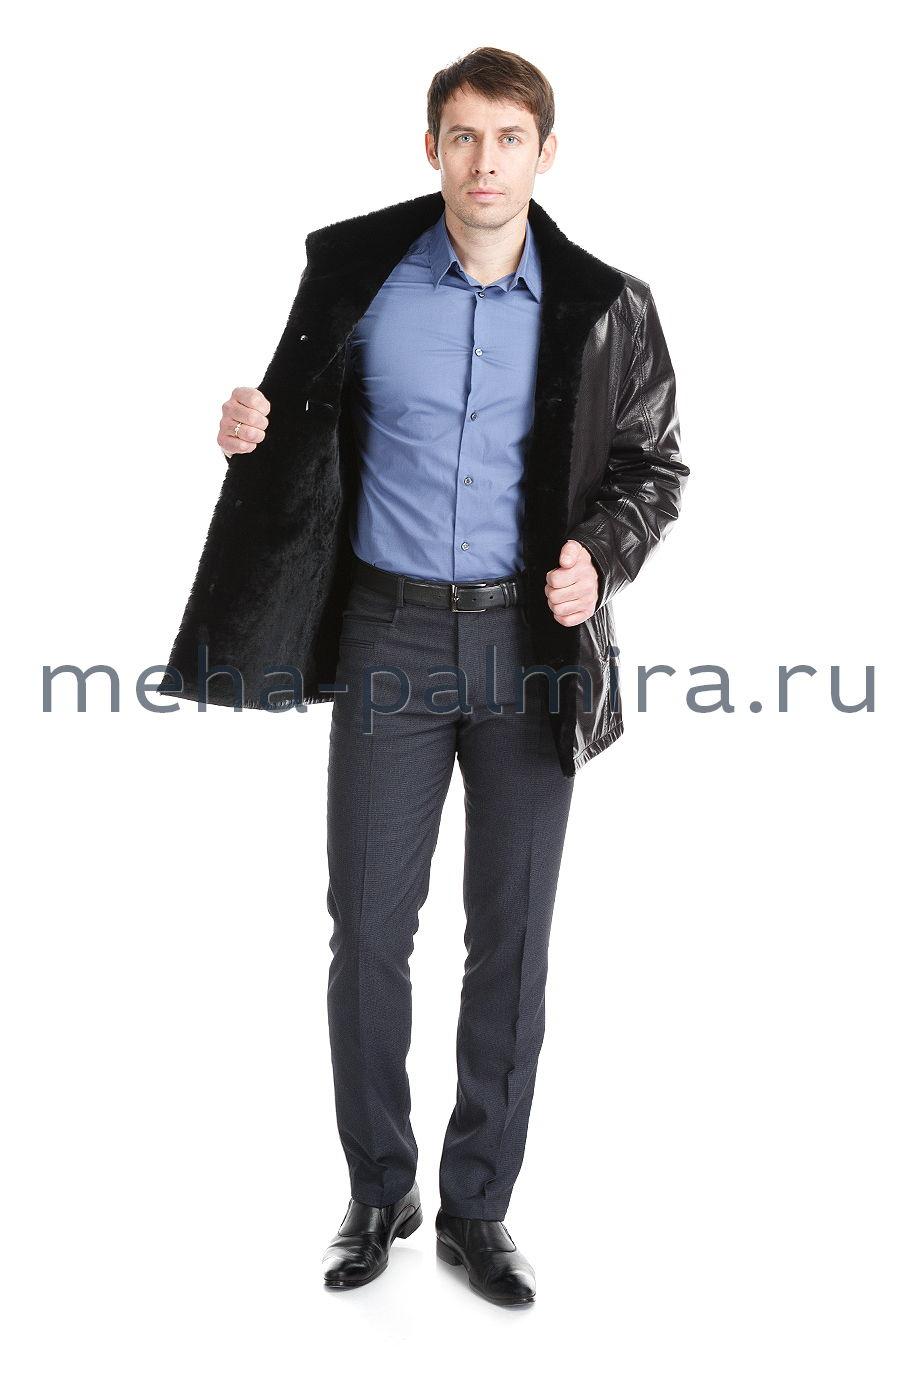 Дубленка мужская воротников стойка чёрный цвет